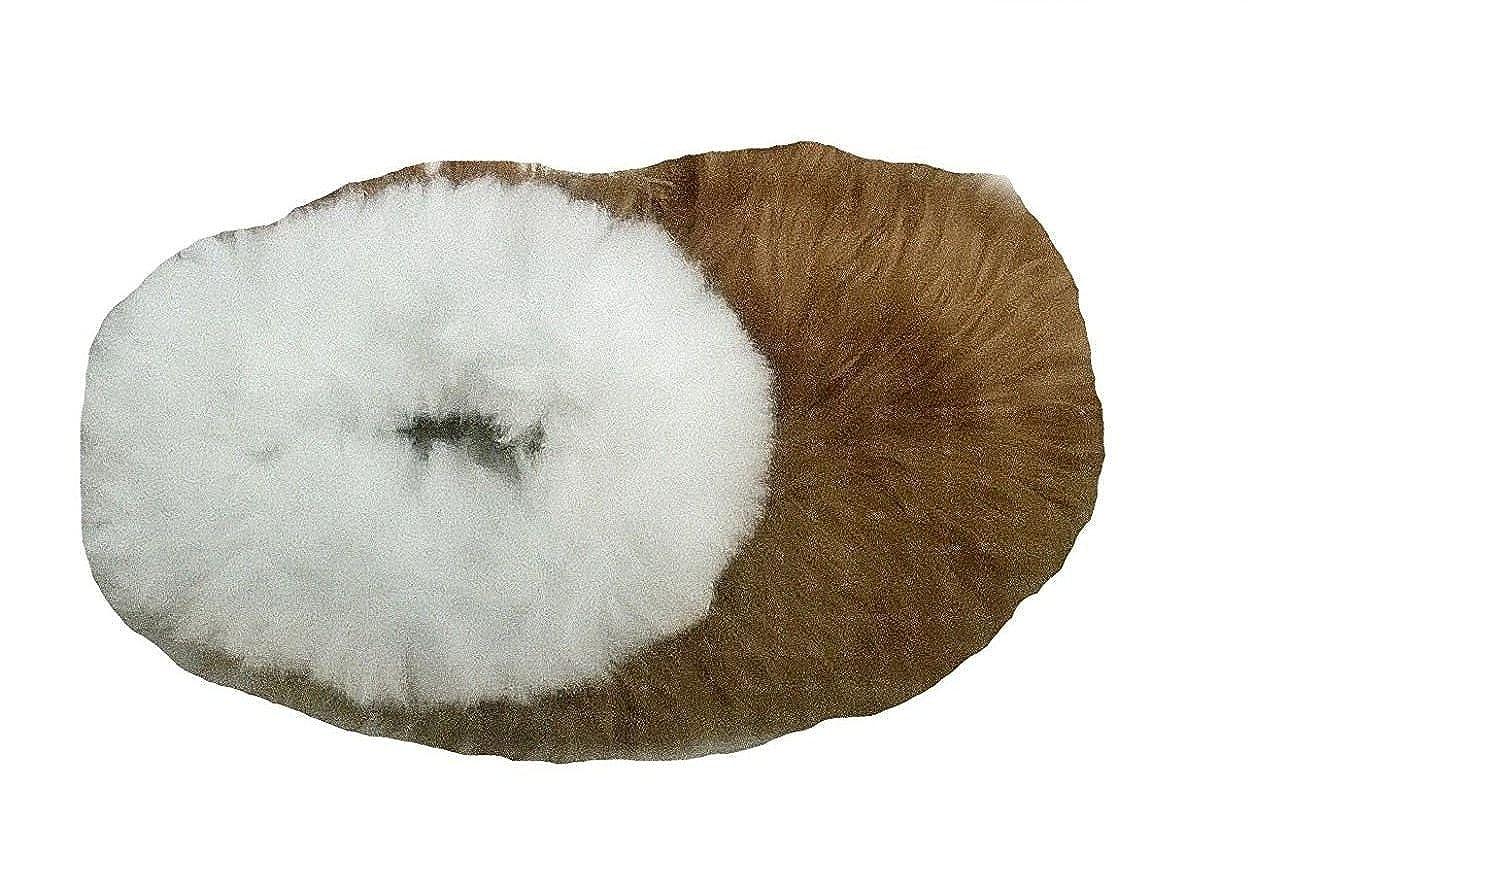 Alpacaandmore Braun/weiße Unisex Hausschuhe Pantoffeln Surialpaka Surialpaka Pantoffeln Fell - 679575